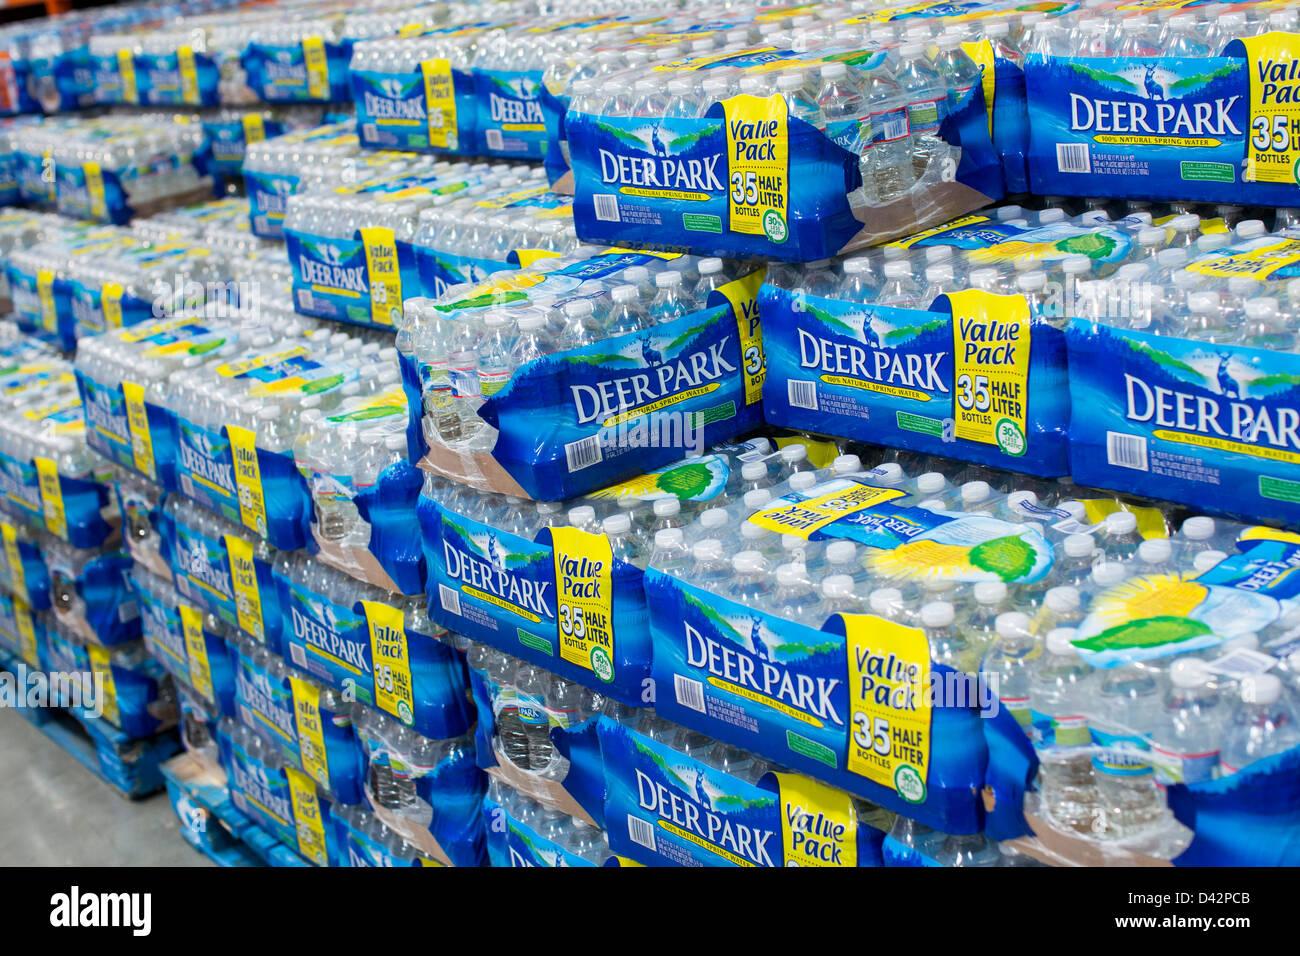 Deer Park de l'eau en bouteille sur l'affichage à un entrepôt Costco Wholesale Club. Photo Stock